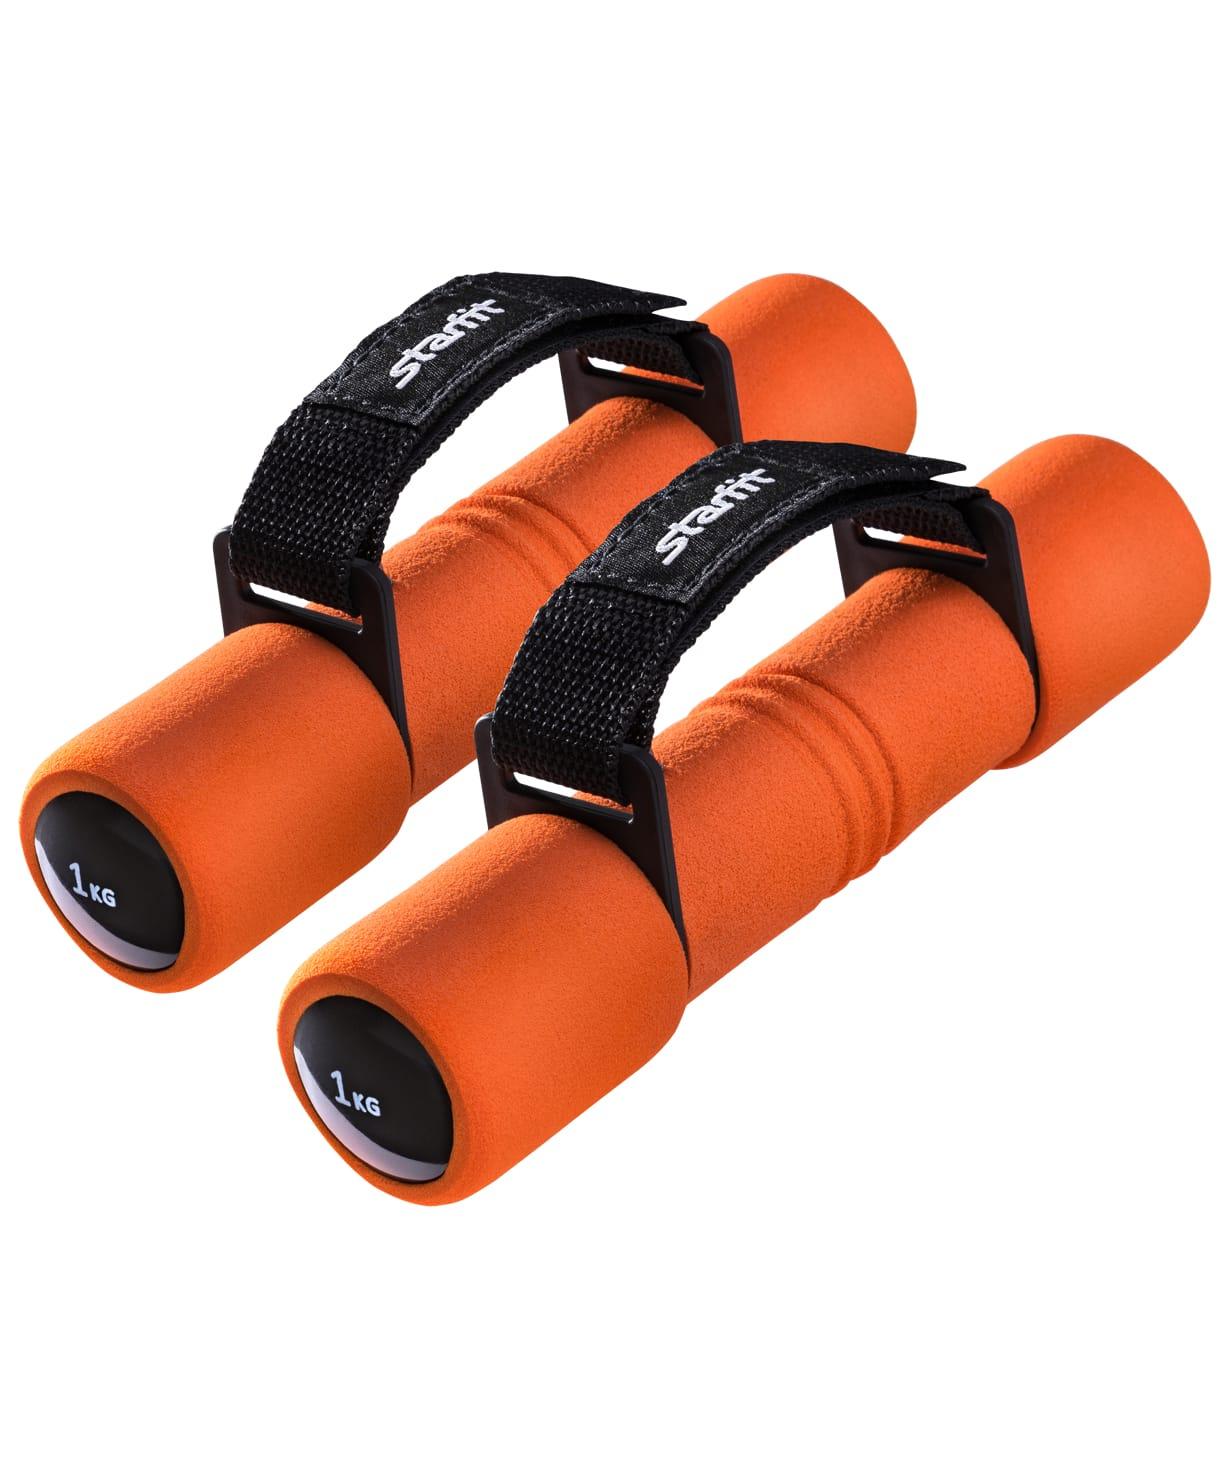 Гантель неопреновая STARFIT DB-203 1 кг, оранжевая (пара) поводок рыболовный afw titanium длина 15 см 9 кг 2 шт